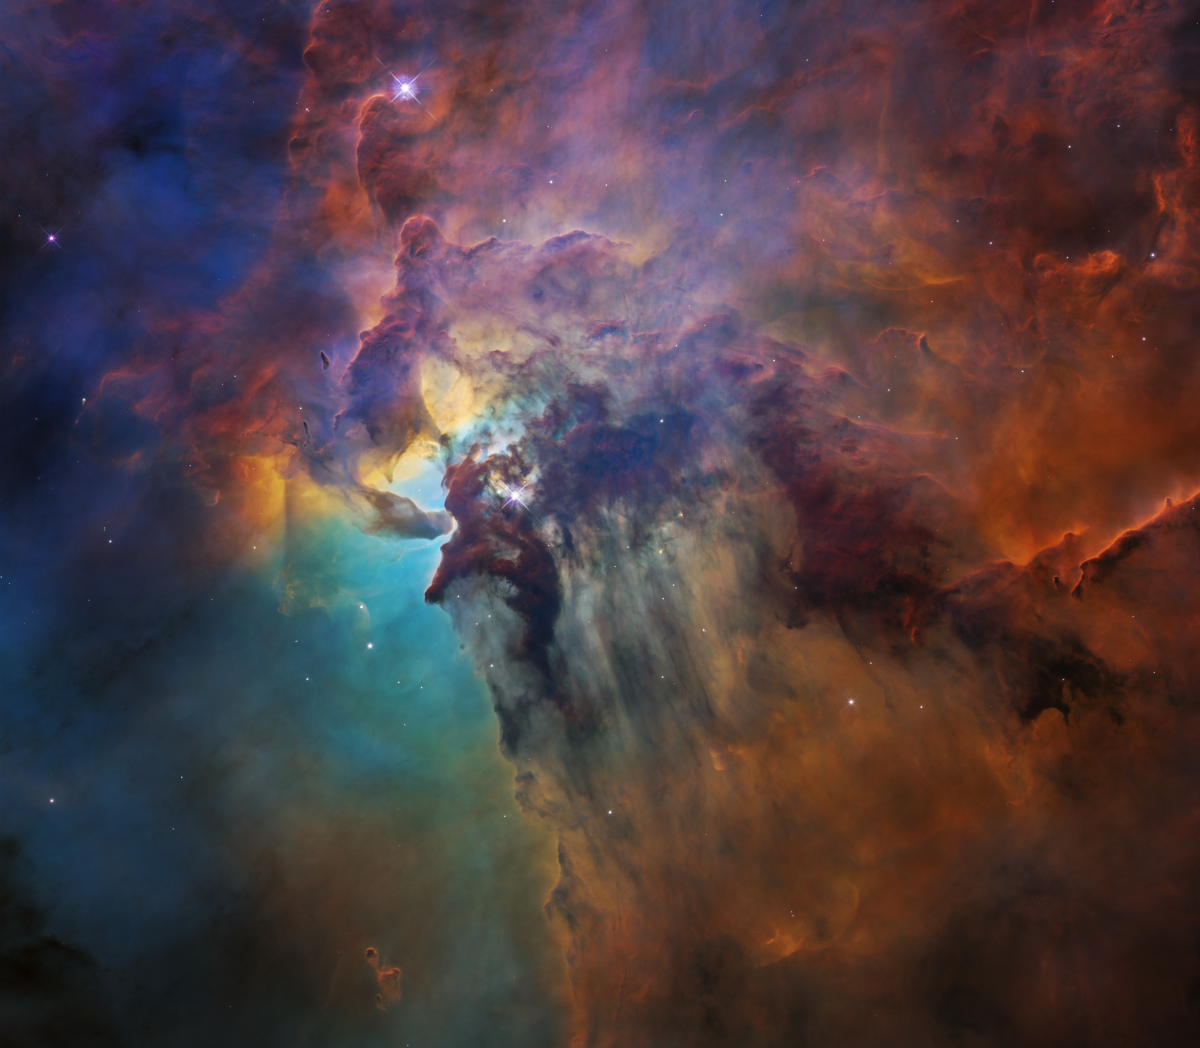 ჰაბლის ტელესკოპი 28-ე იუბილეს ახალი თვალწარმტაცი ფოტოთი აღნიშნავს